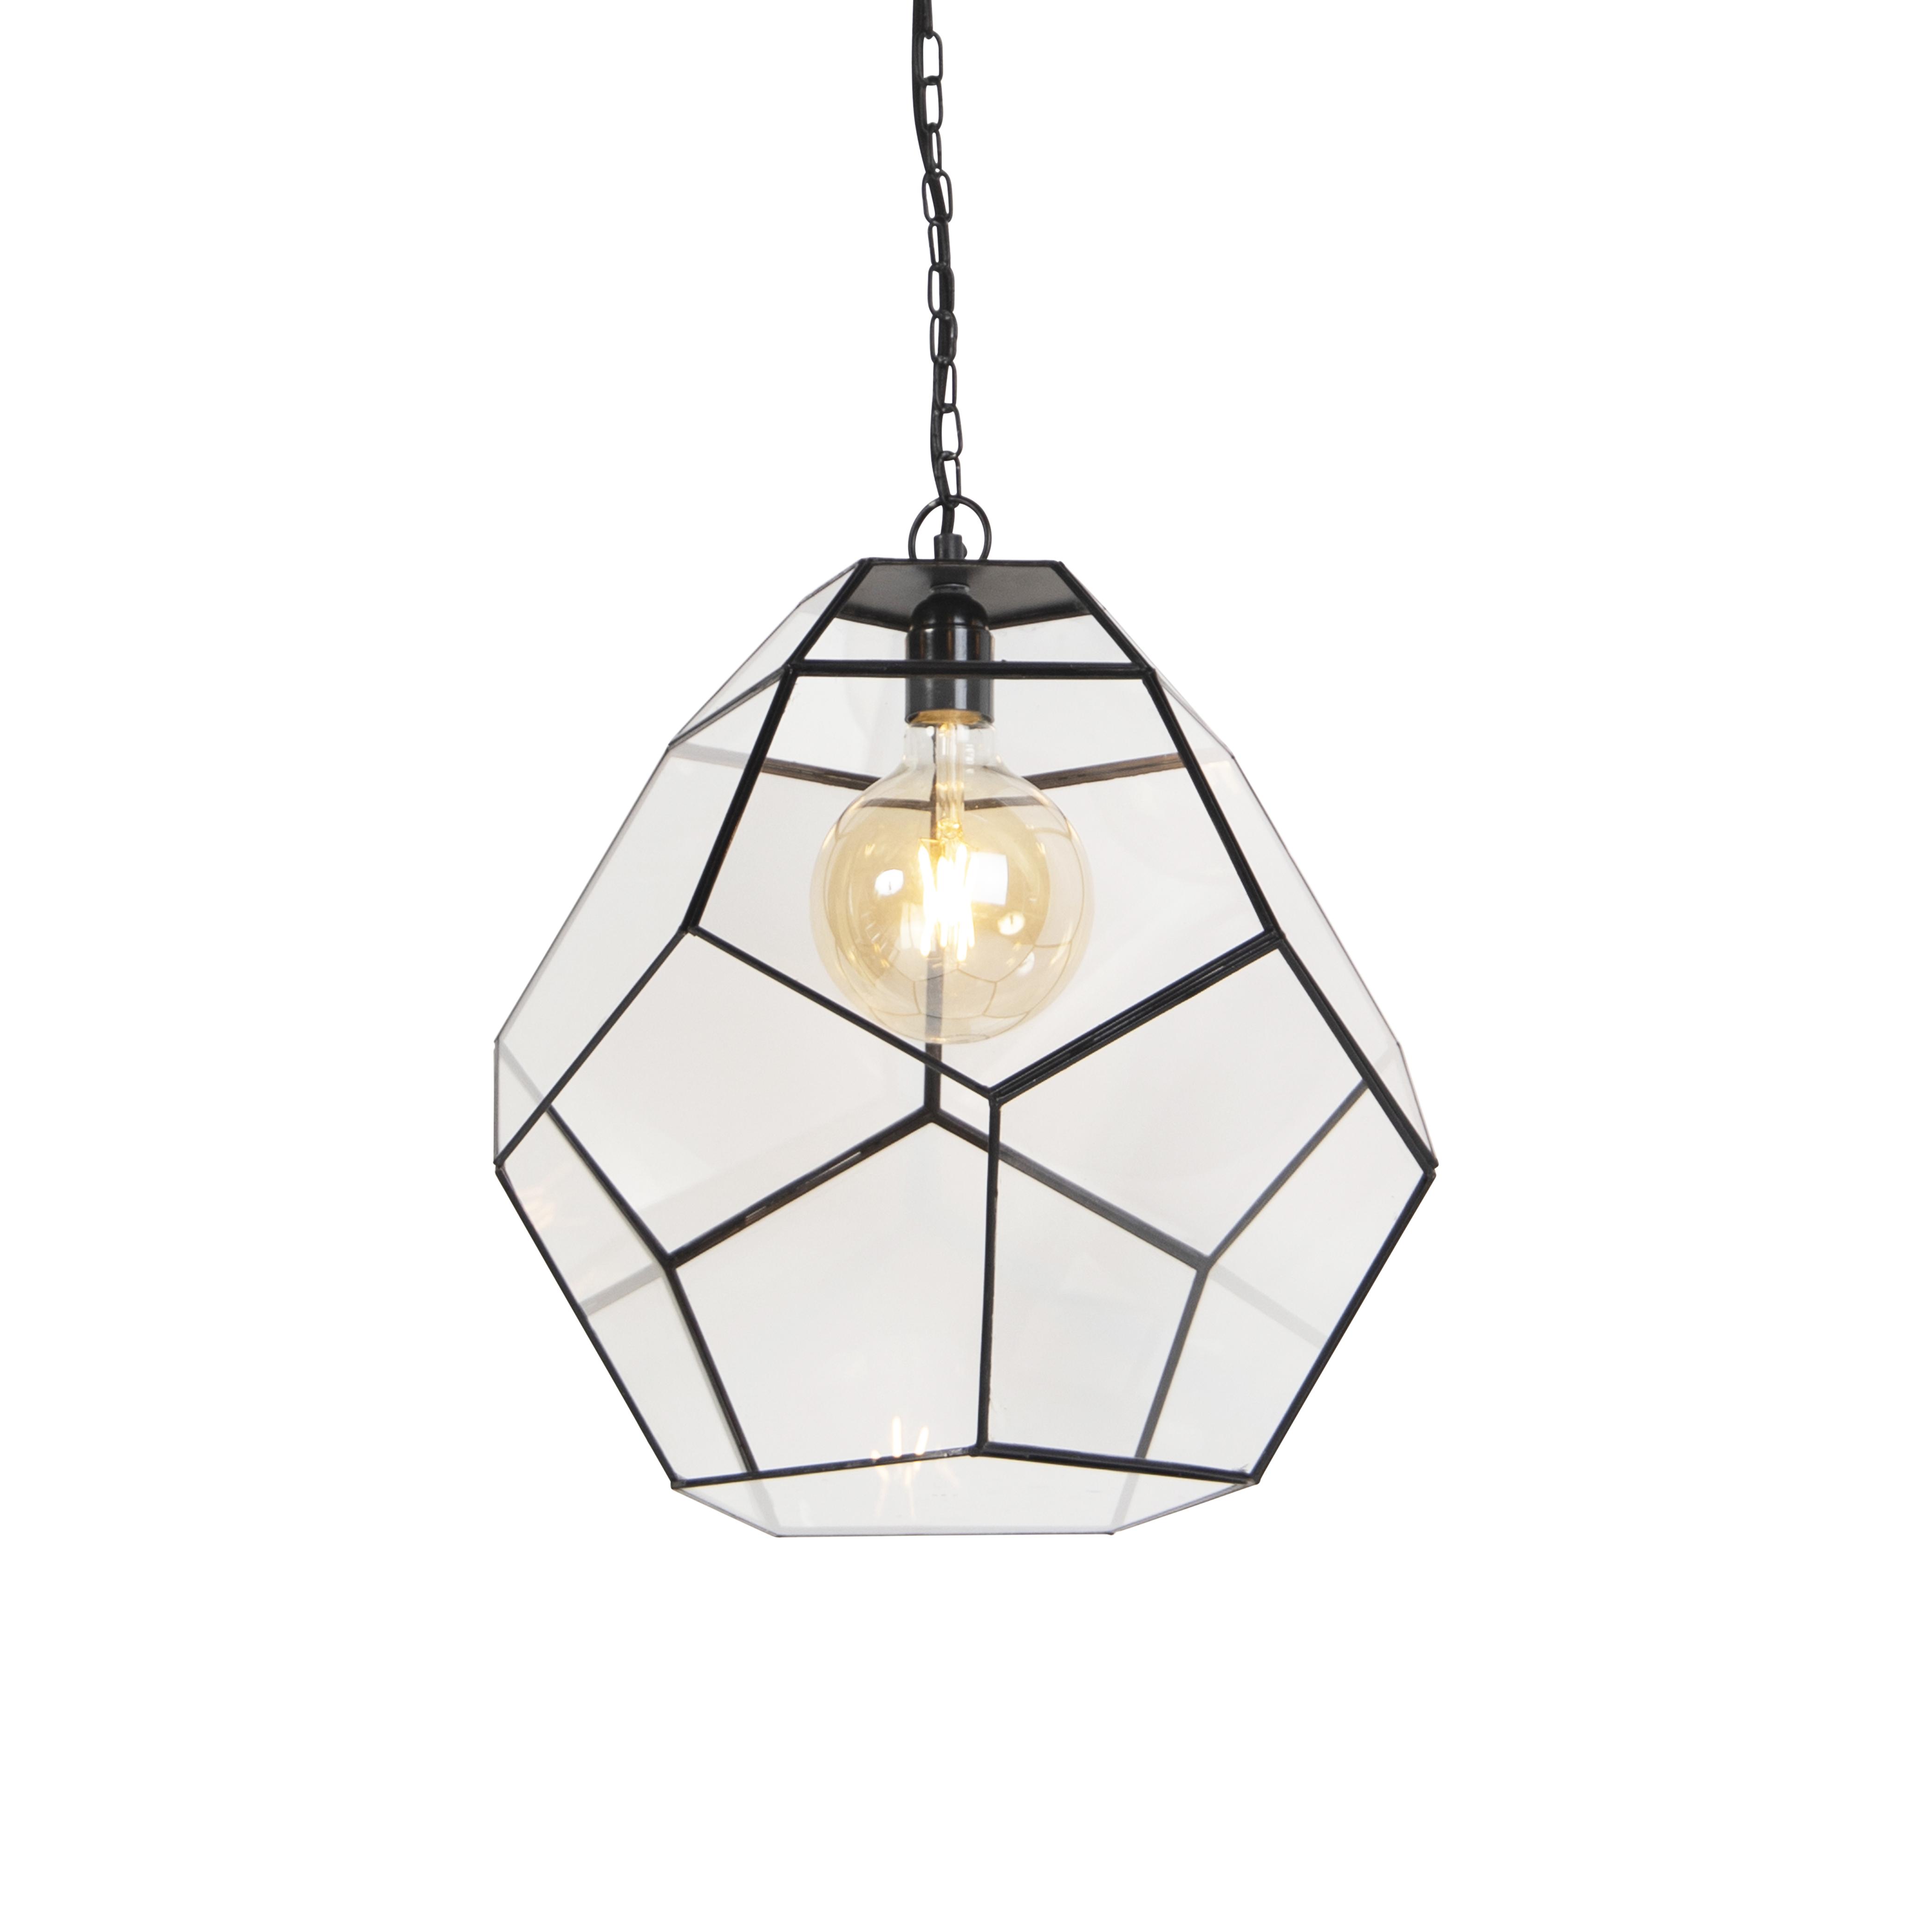 Obraz przedstawiający Art deco lampa wisząca czarna z przezroczystym szkłem - SconePrzemysłowy,Wiejski/ Rustykalny / Vintage Oswietlenie wewnetrzne